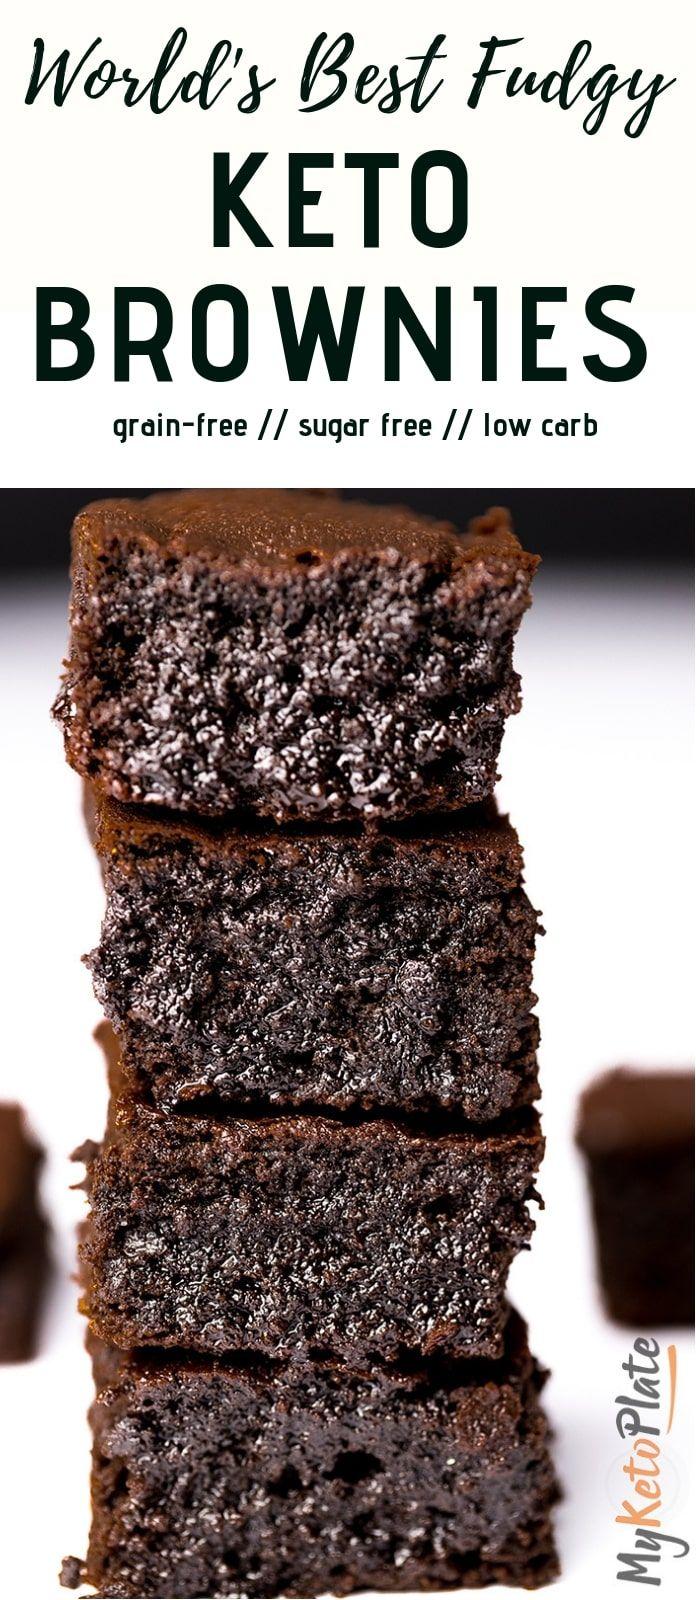 World S Best Fudgy Keto Brownies Recipe Keto Brownies Sugar